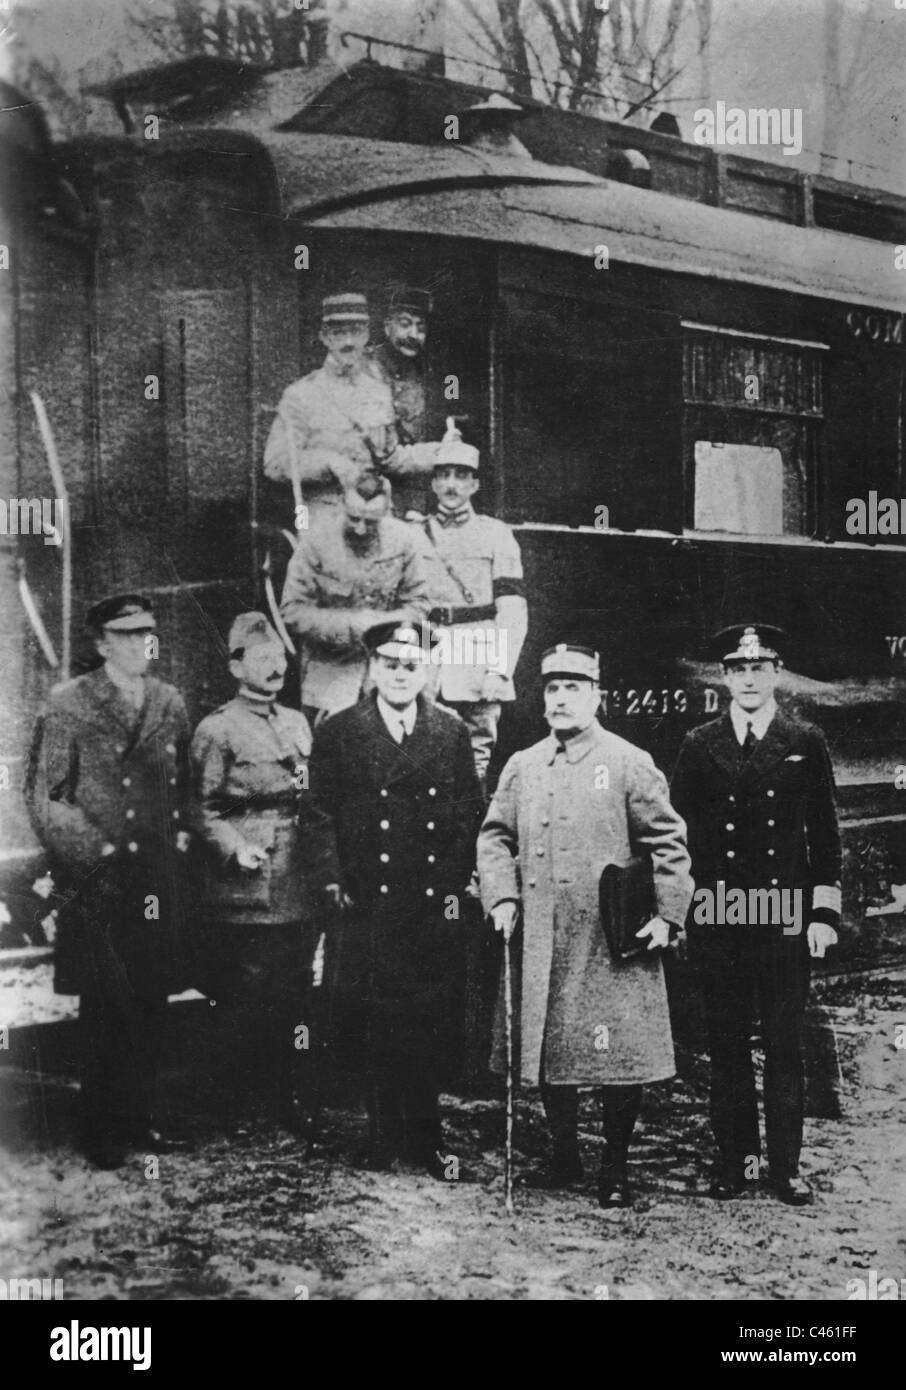 Compiegne 1918